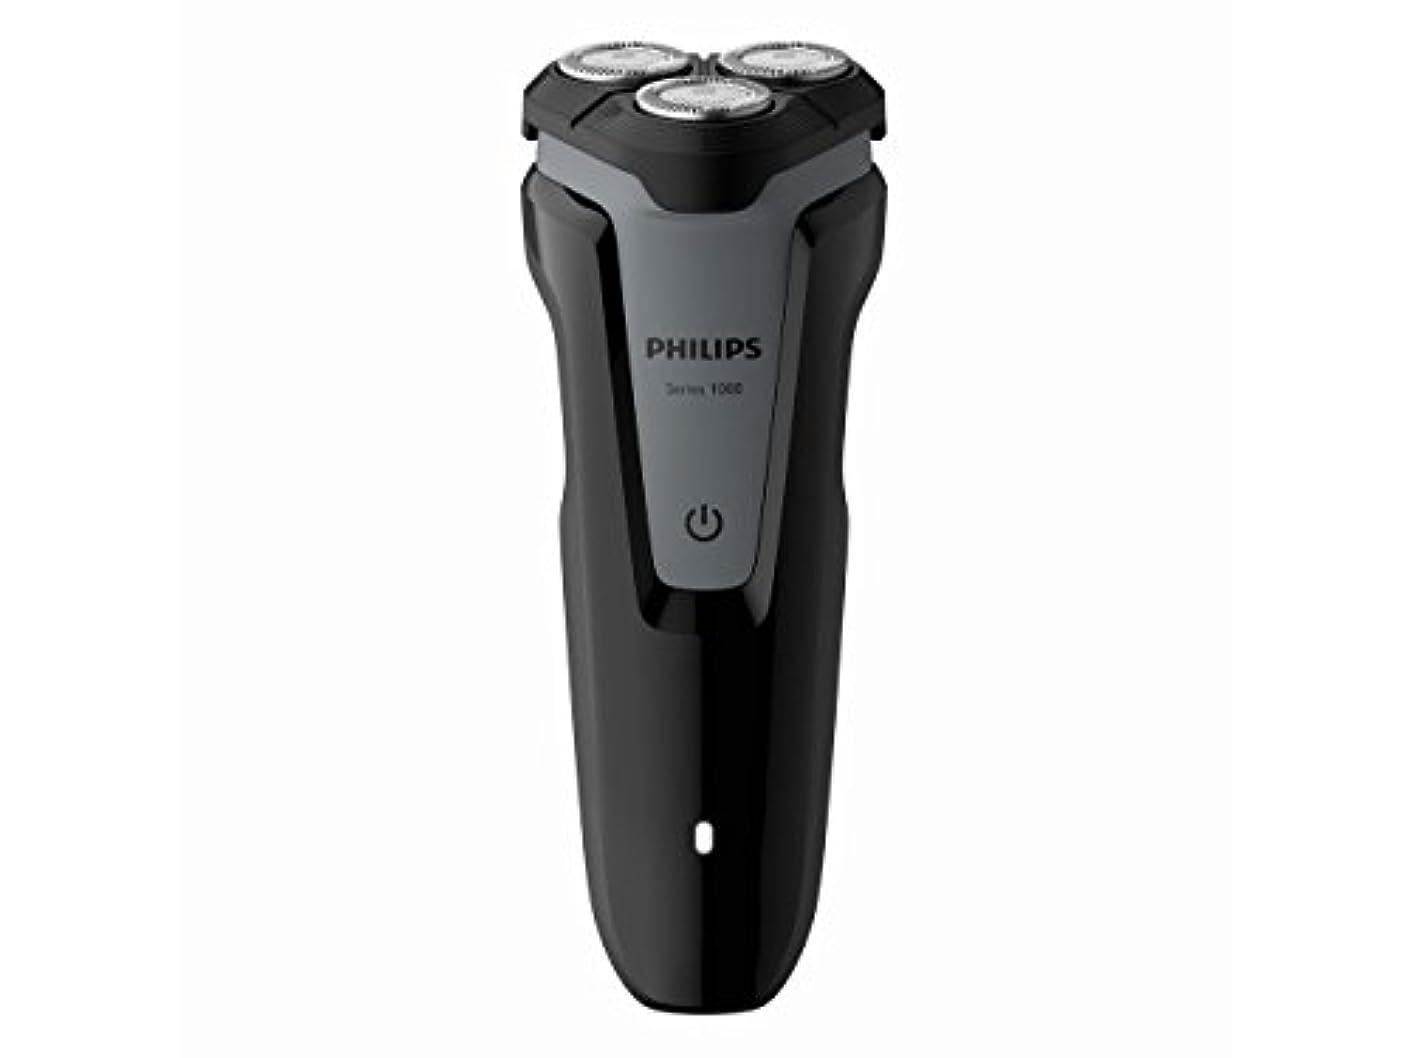 持参世界部分的にフィリップス 1000シリーズ メンズ電気シェーバー 回転刃 お風呂剃り可 S1041/03